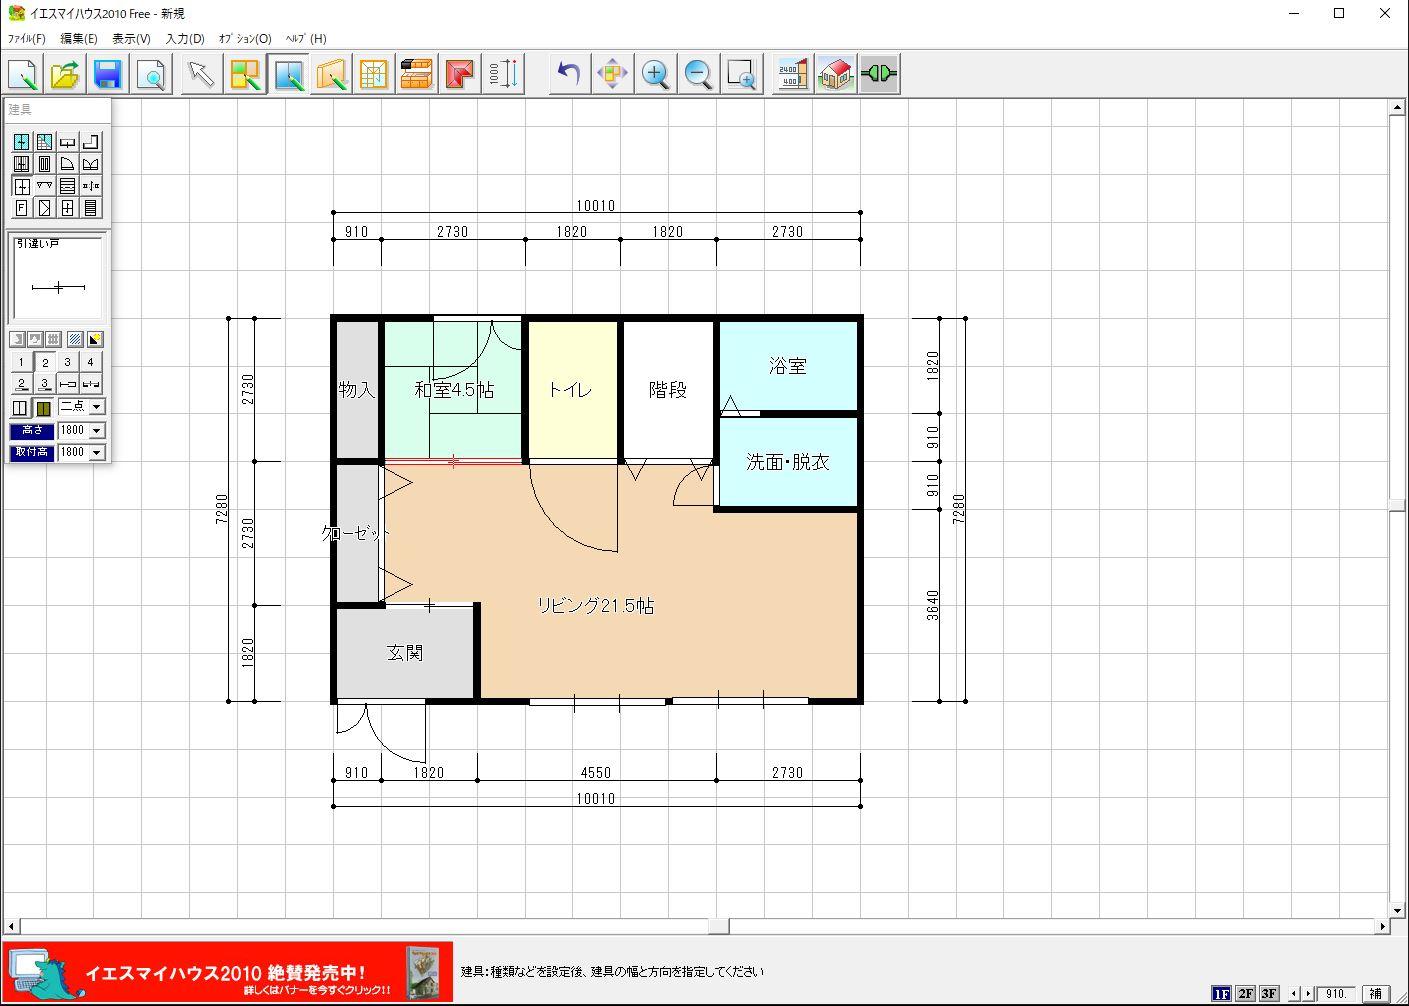 イエスマイハウス2010フリー版 建具の配置